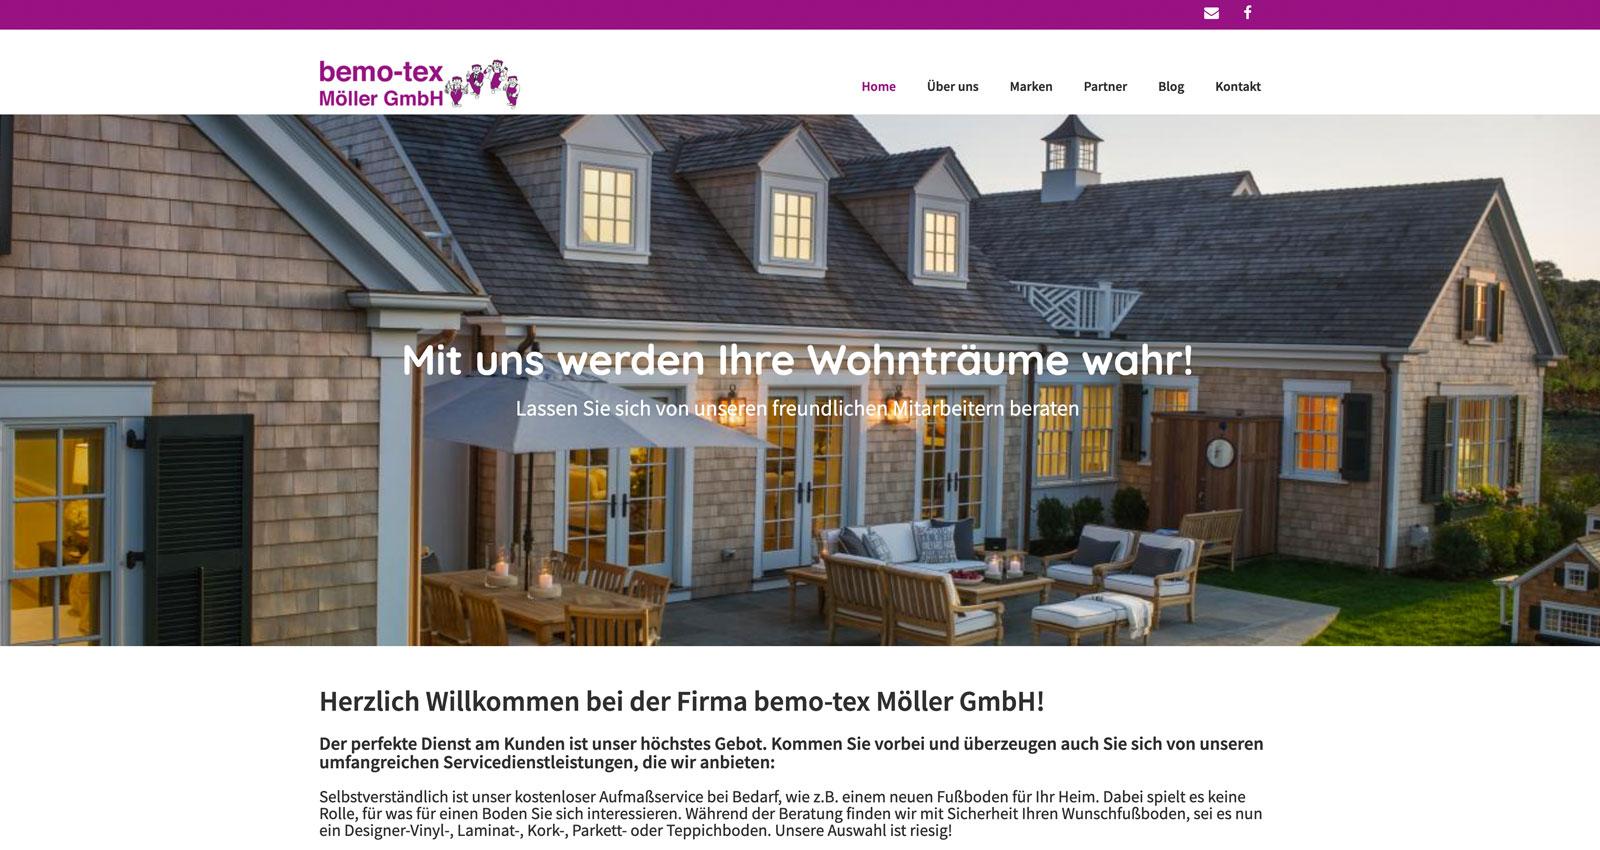 bemo-tex-moeller-gmbh-homepage-NEU